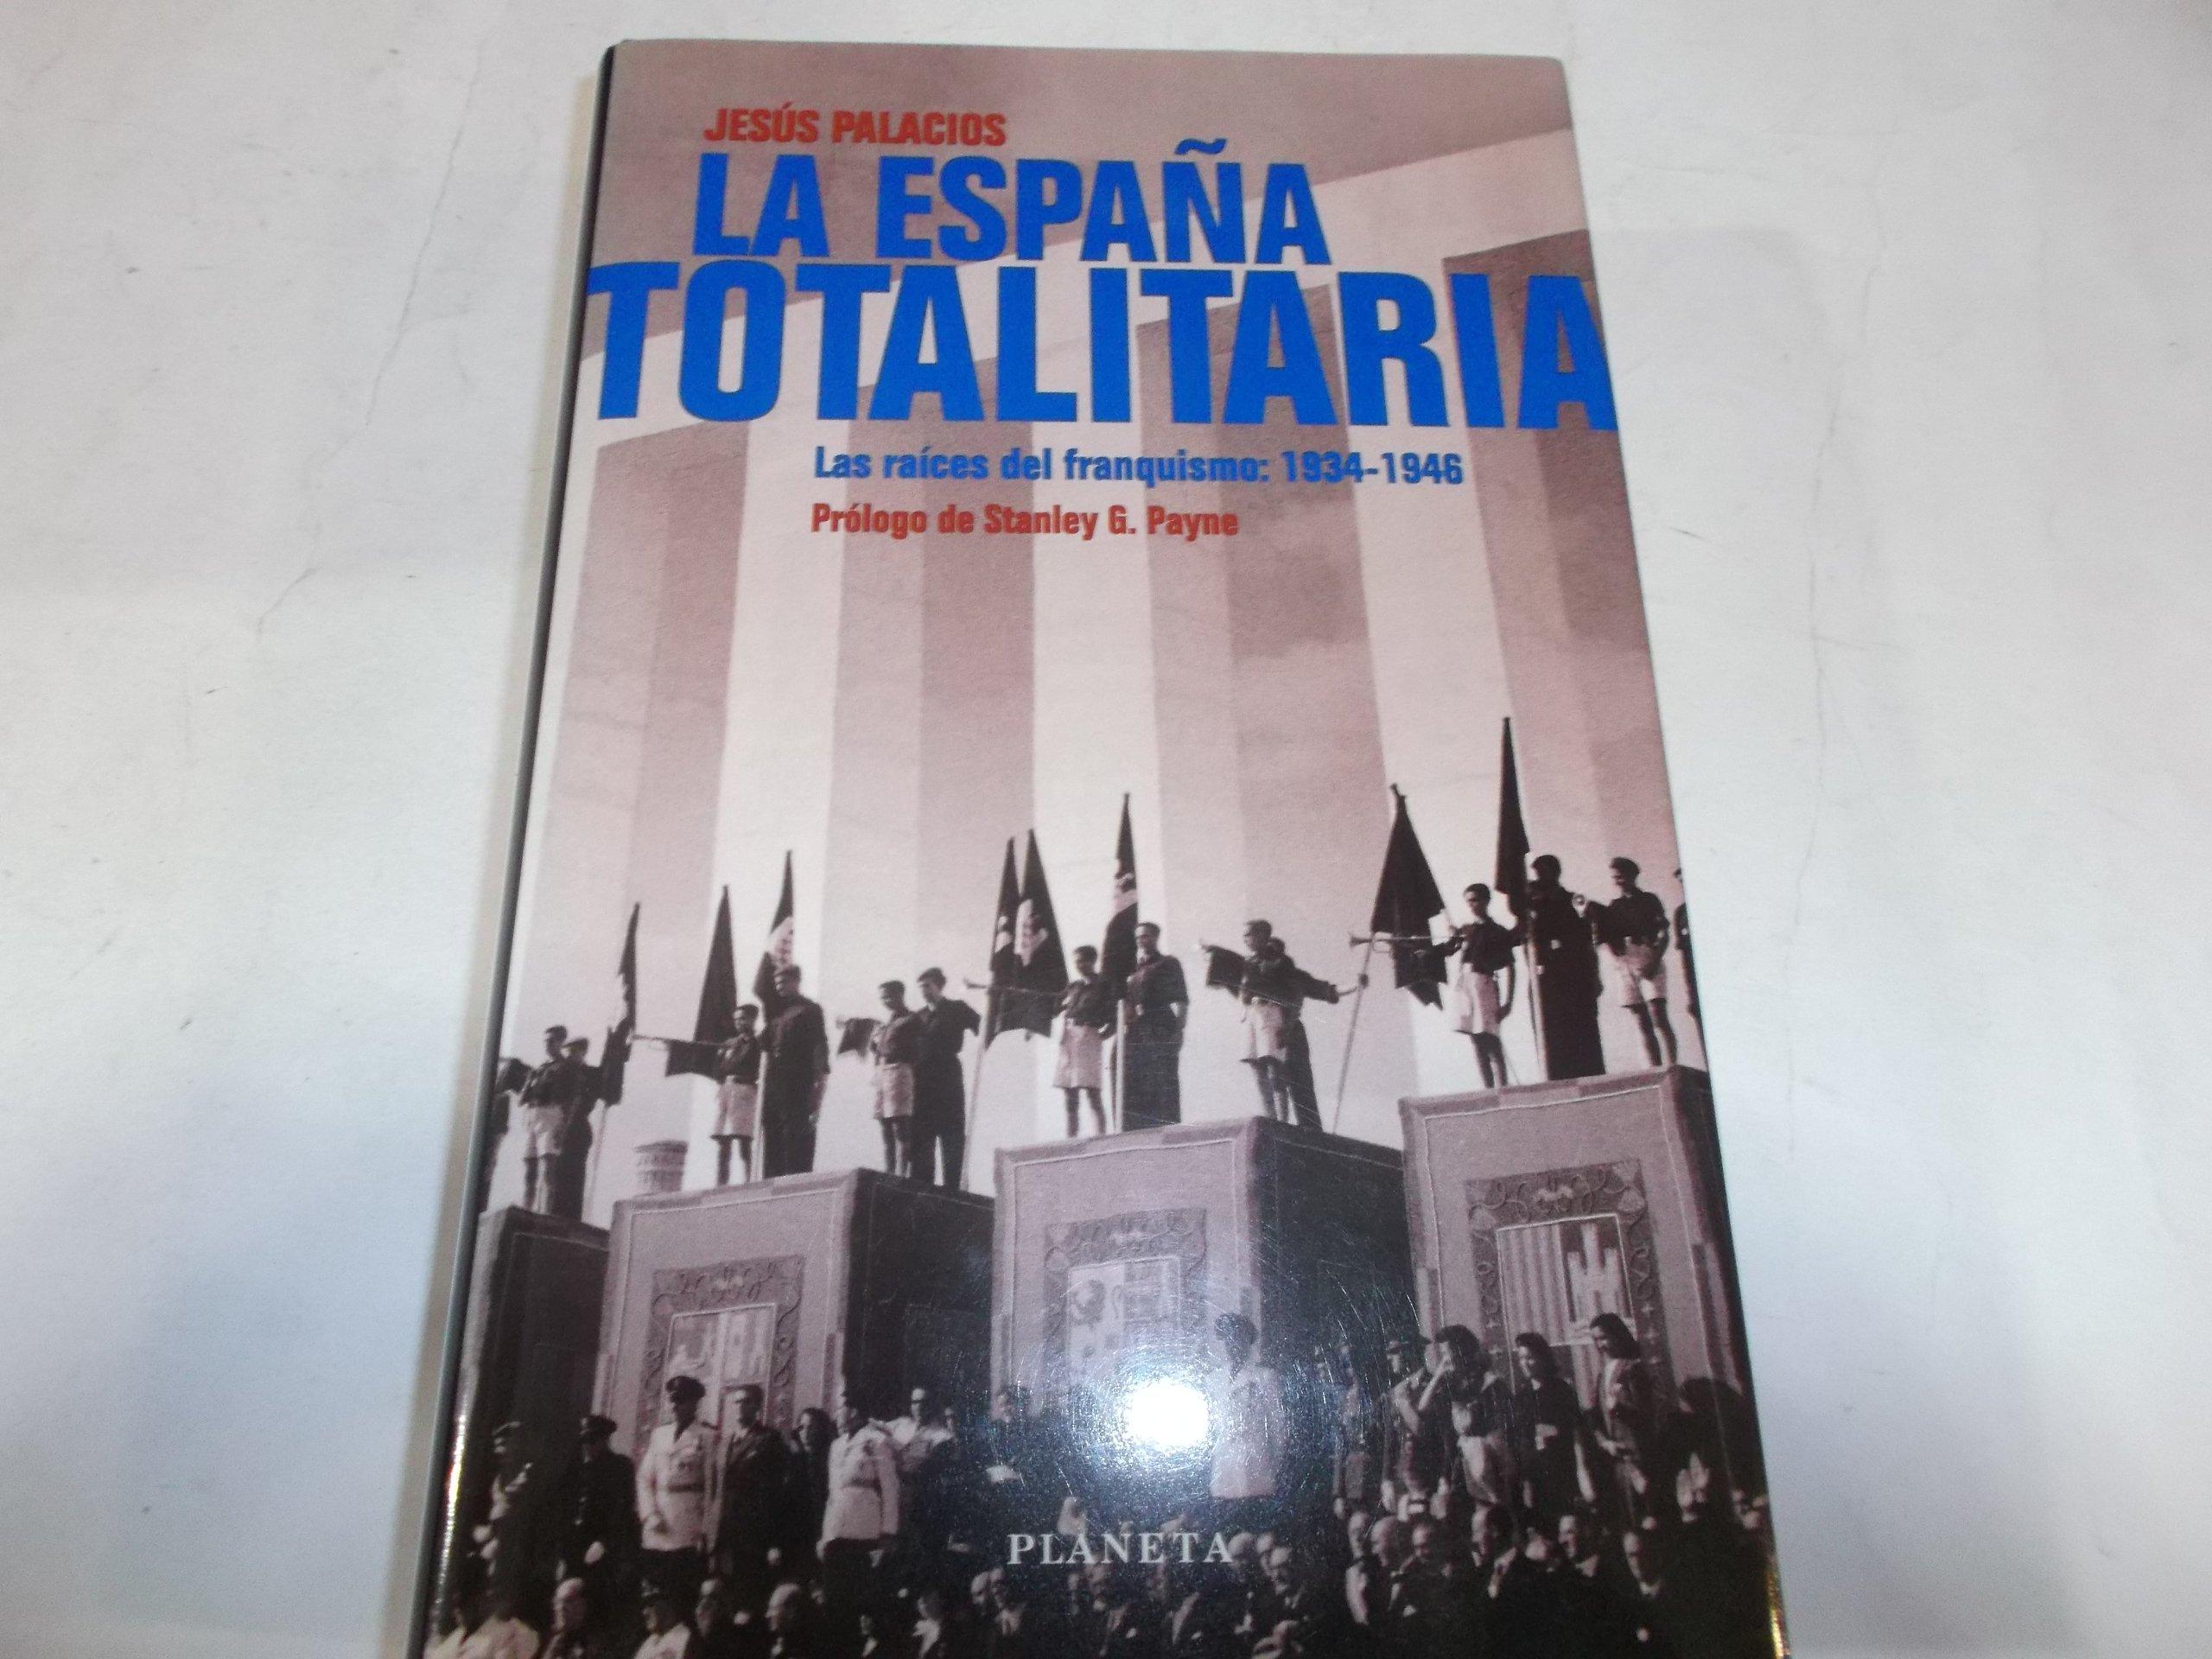 La España totalitaria : Las raíces del franquismo: 1934-1946: Amazon.es: Palacios, Jesús: Libros